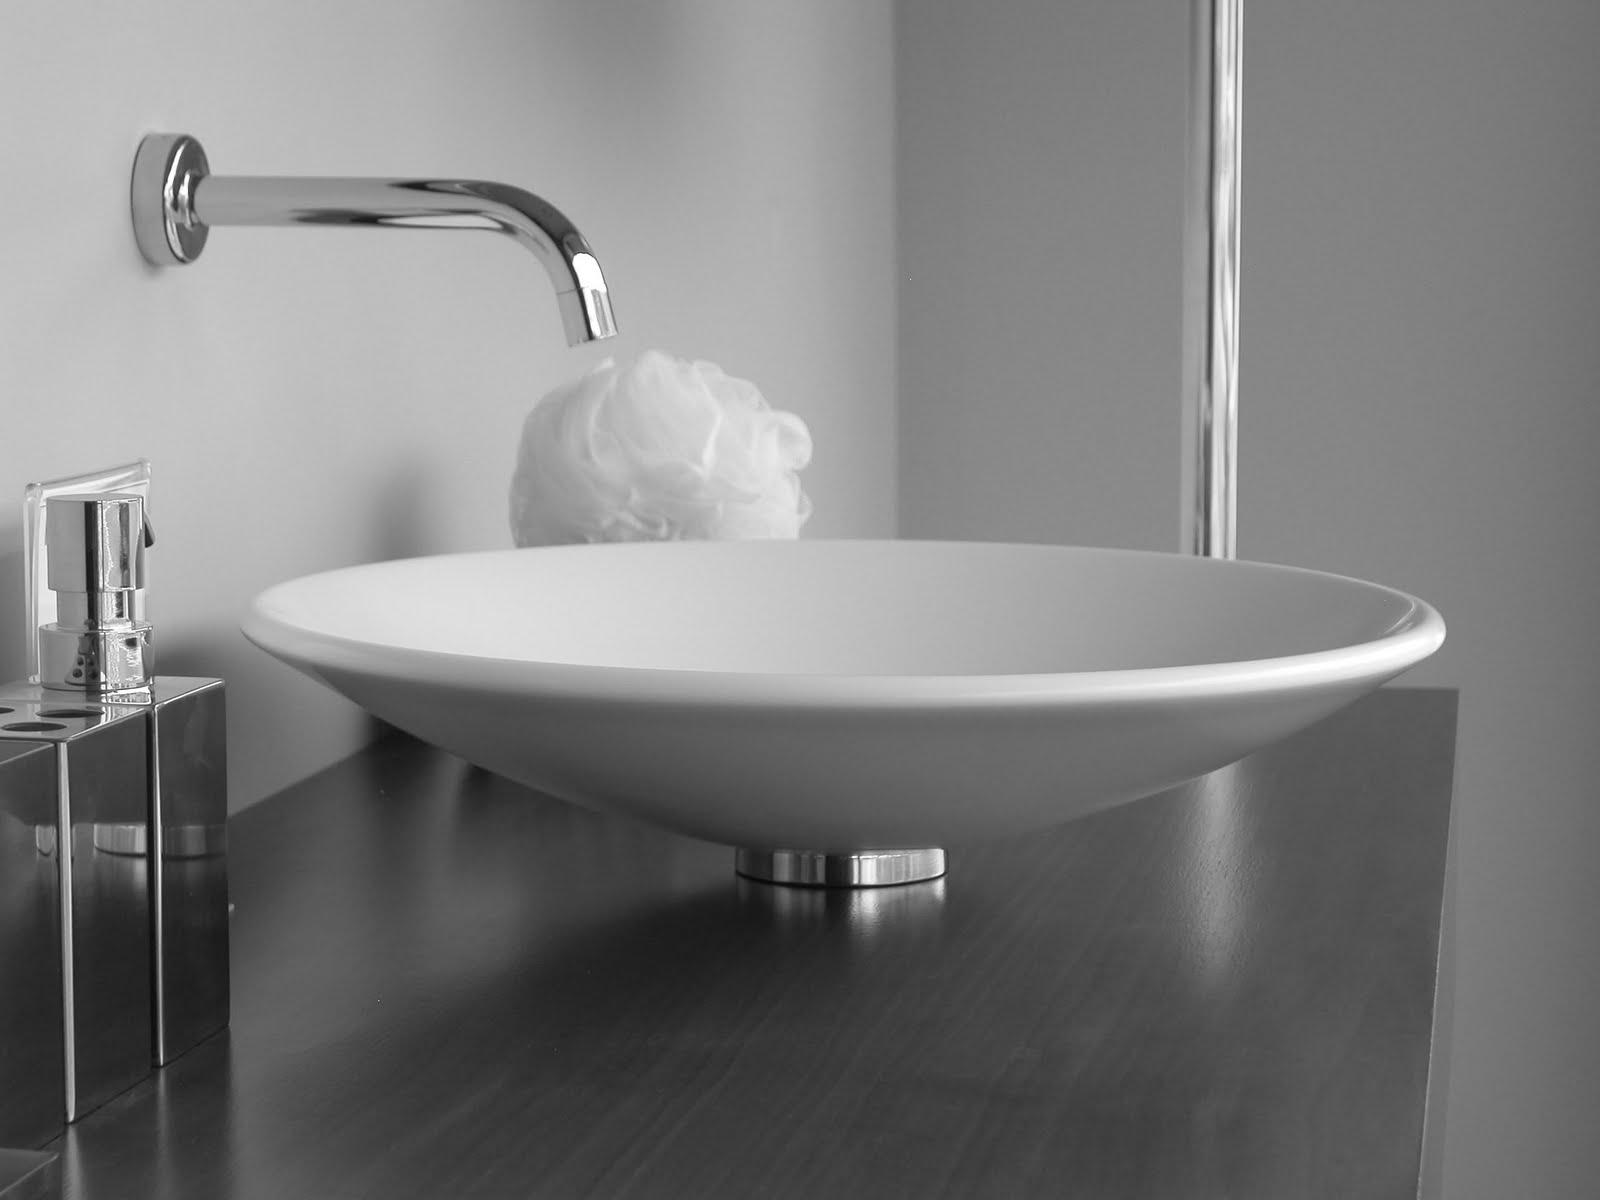 Minosa: Bathroom Washbasins